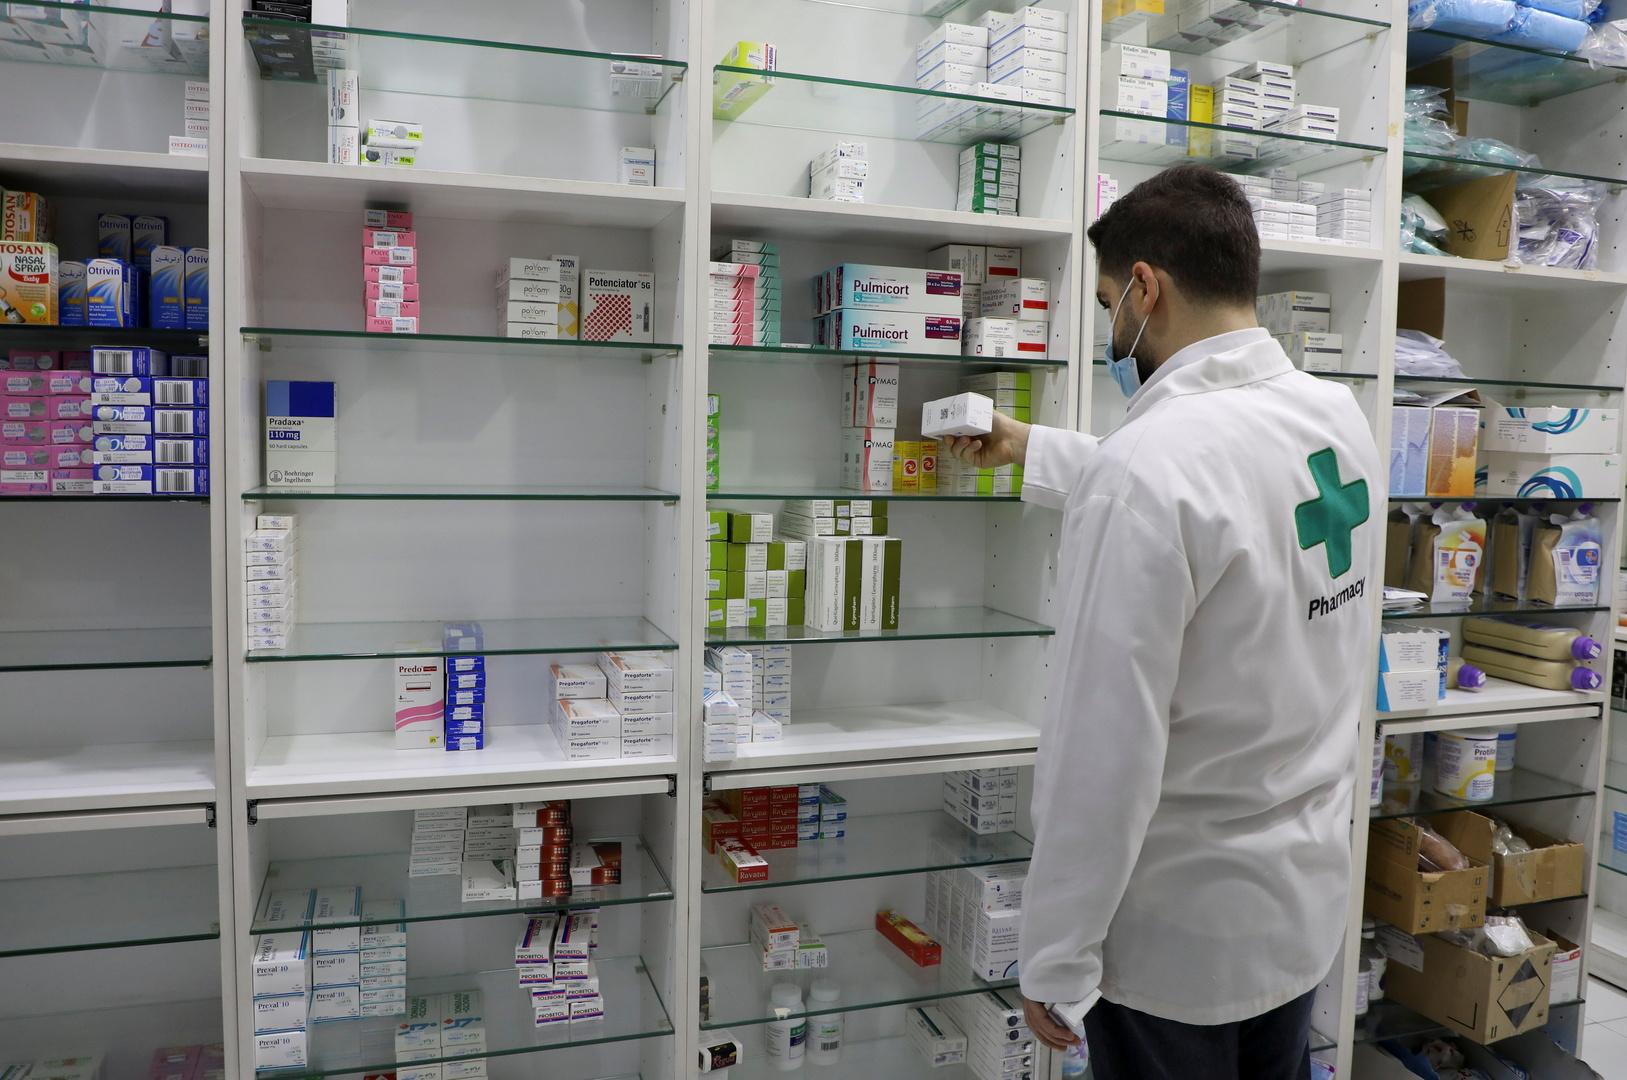 لبنان.. تحذيرات من فقدان مئات أصناف الأدوية